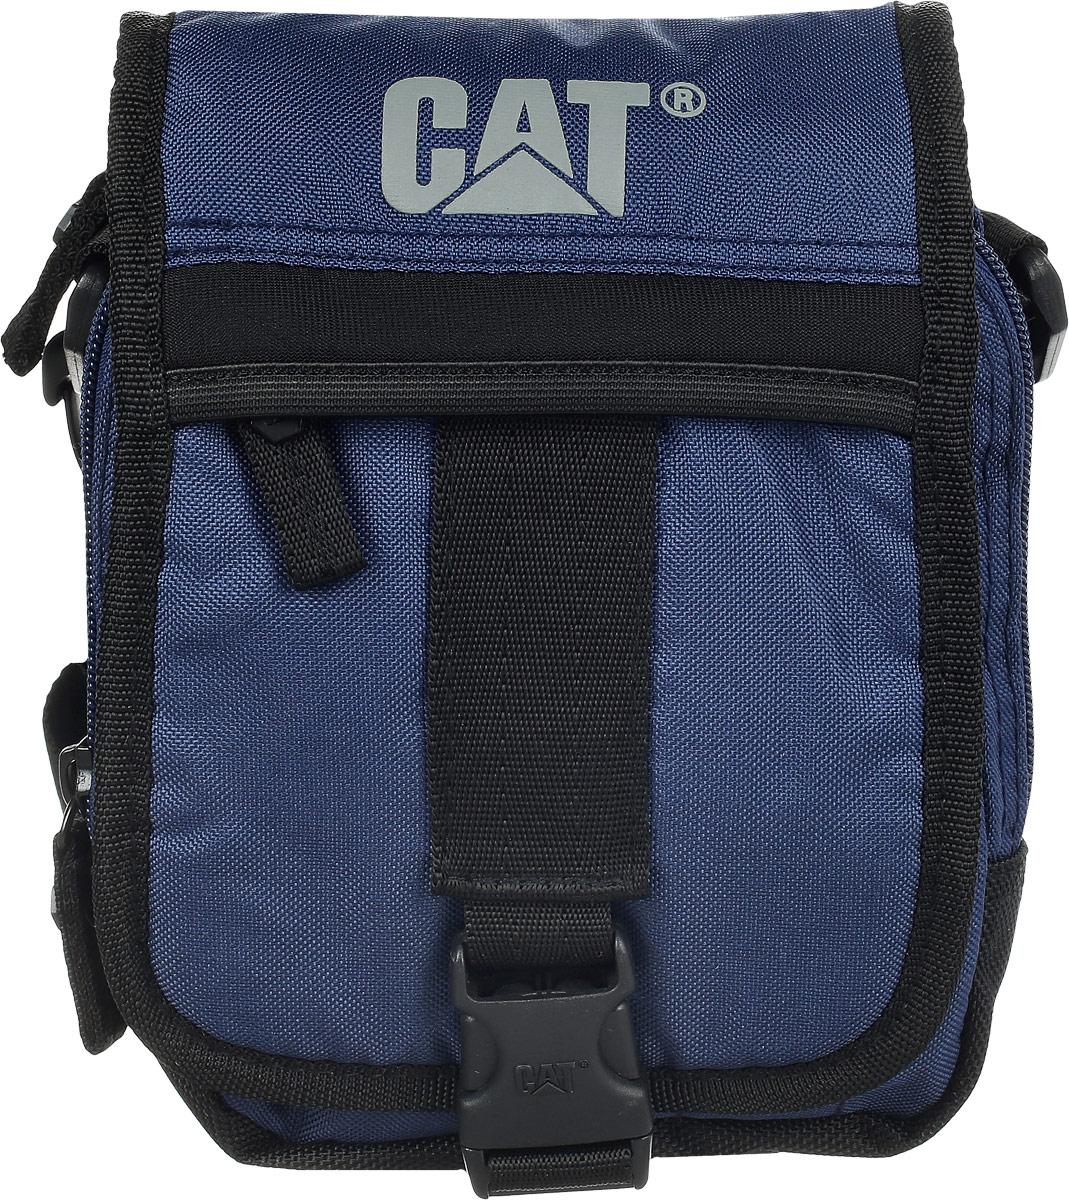 Сумка на плечо Caterpillar Ronald, цвет: темно-синий, черный, 2 л80002-184Стильная сумка Caterpillar Ronald выполнена из полиэстера. Изделие имеет два основных отделения, которые закрываются на застежки-молнии. Внутри одного из отделений имеется накладной карман на липучке. Закрывается изделие на клапан с пластиковой защелкой. Снаружи, на передней стенке под клапаном находится накладной открытый кармашек, два держателя для авторучек и прорезной карман на застежке-молнии, внутри которого предусмотрен текстильный ремешок с карабином для ключей. Клапан также оснащен дополнительным прорезным карманом на застежке-молнии. Сумка оснащена съемным текстильным плечевым ремнем, который регулируется по длине. На задней стенке предусмотрена текстильная ручка на кнопке. Стильная сумка Caterpillar Ronald станет незаменимой в повседневной жизни.